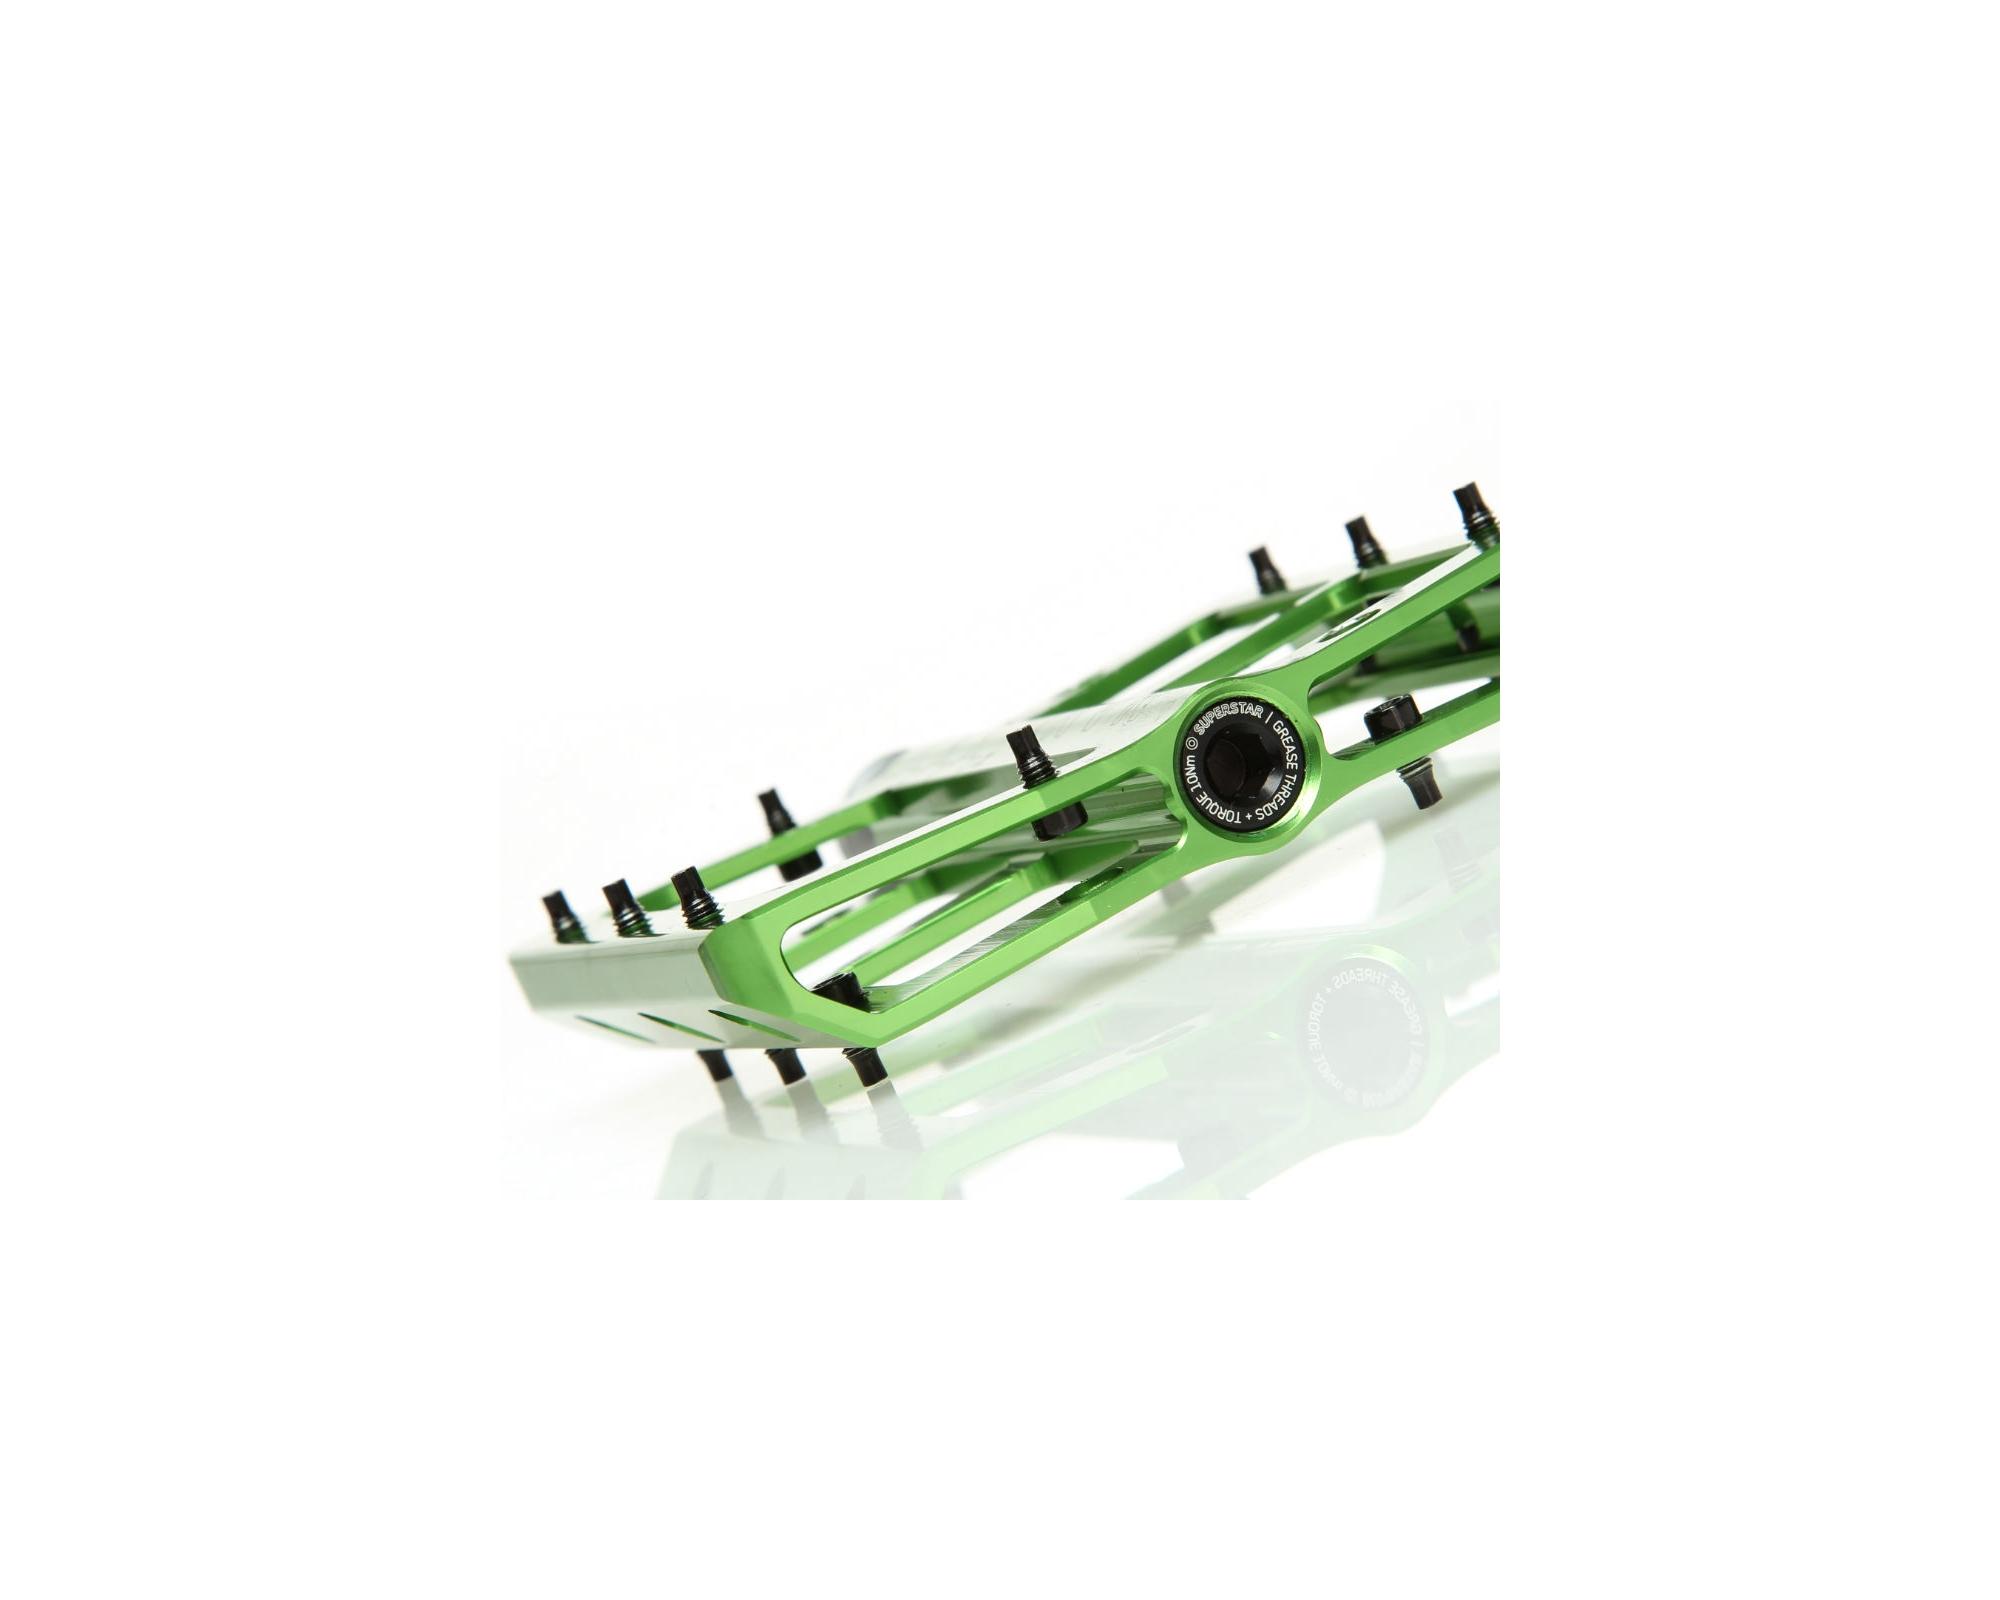 Nano-x Pedals - Superstar Components